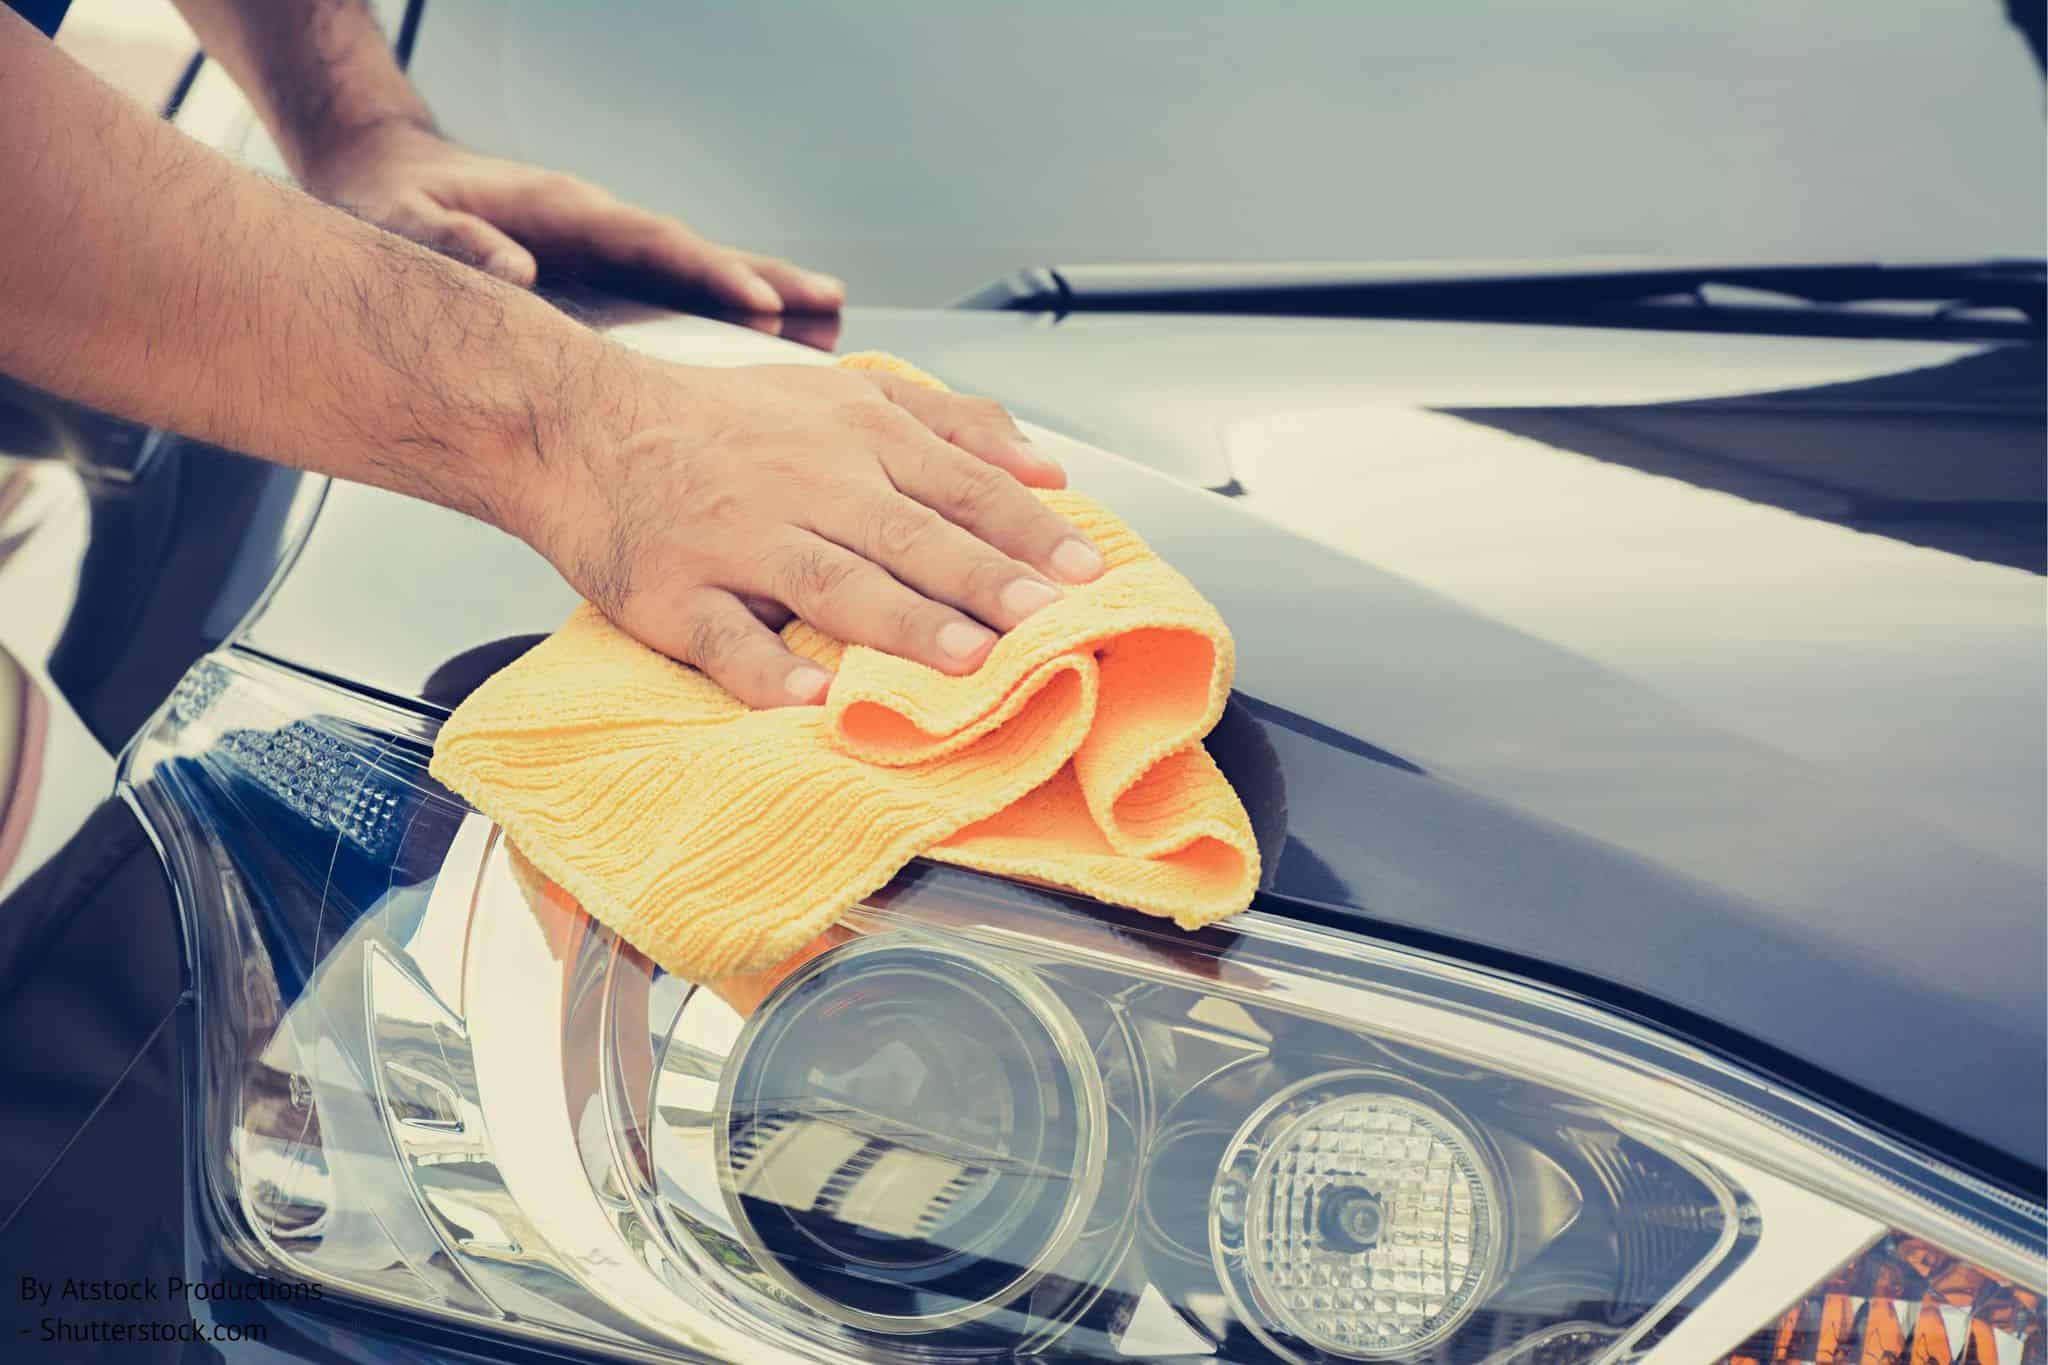 καθαρισμός αυτοκινήτου